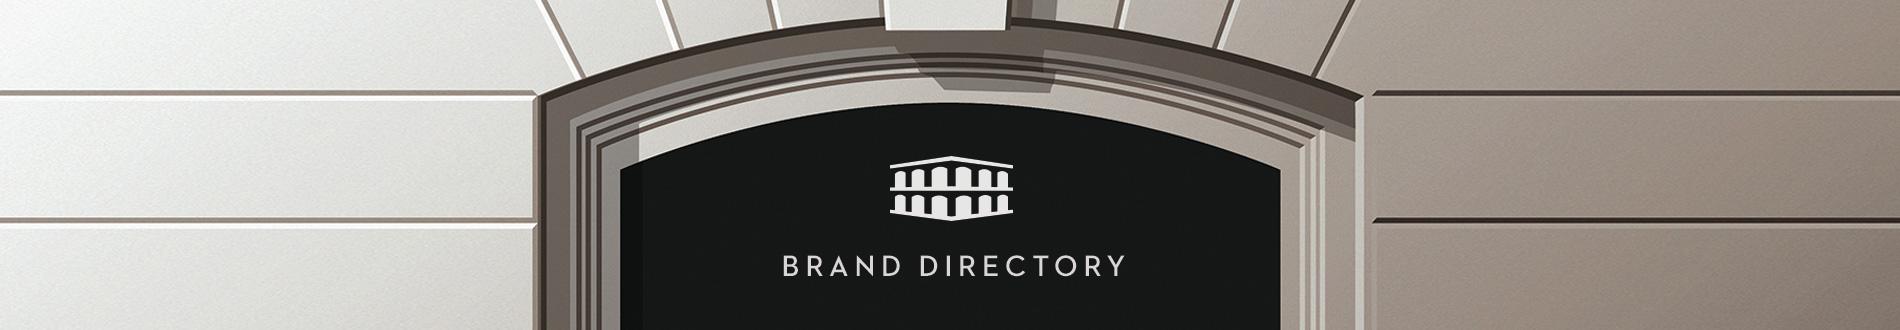 bands-banner